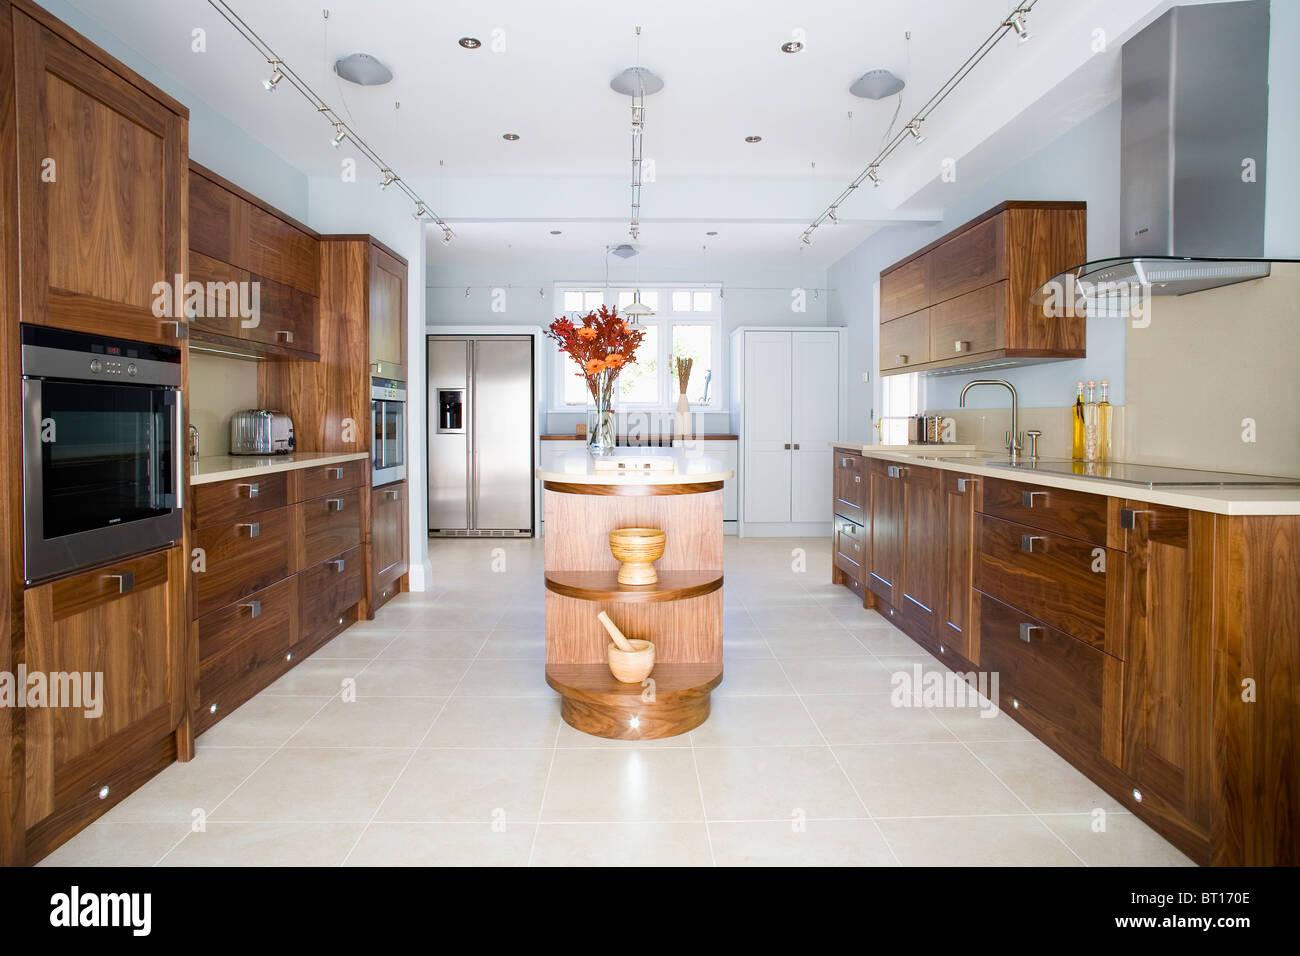 Kalkstein-Böden in große, moderne Küche mit dunklem Holz ...